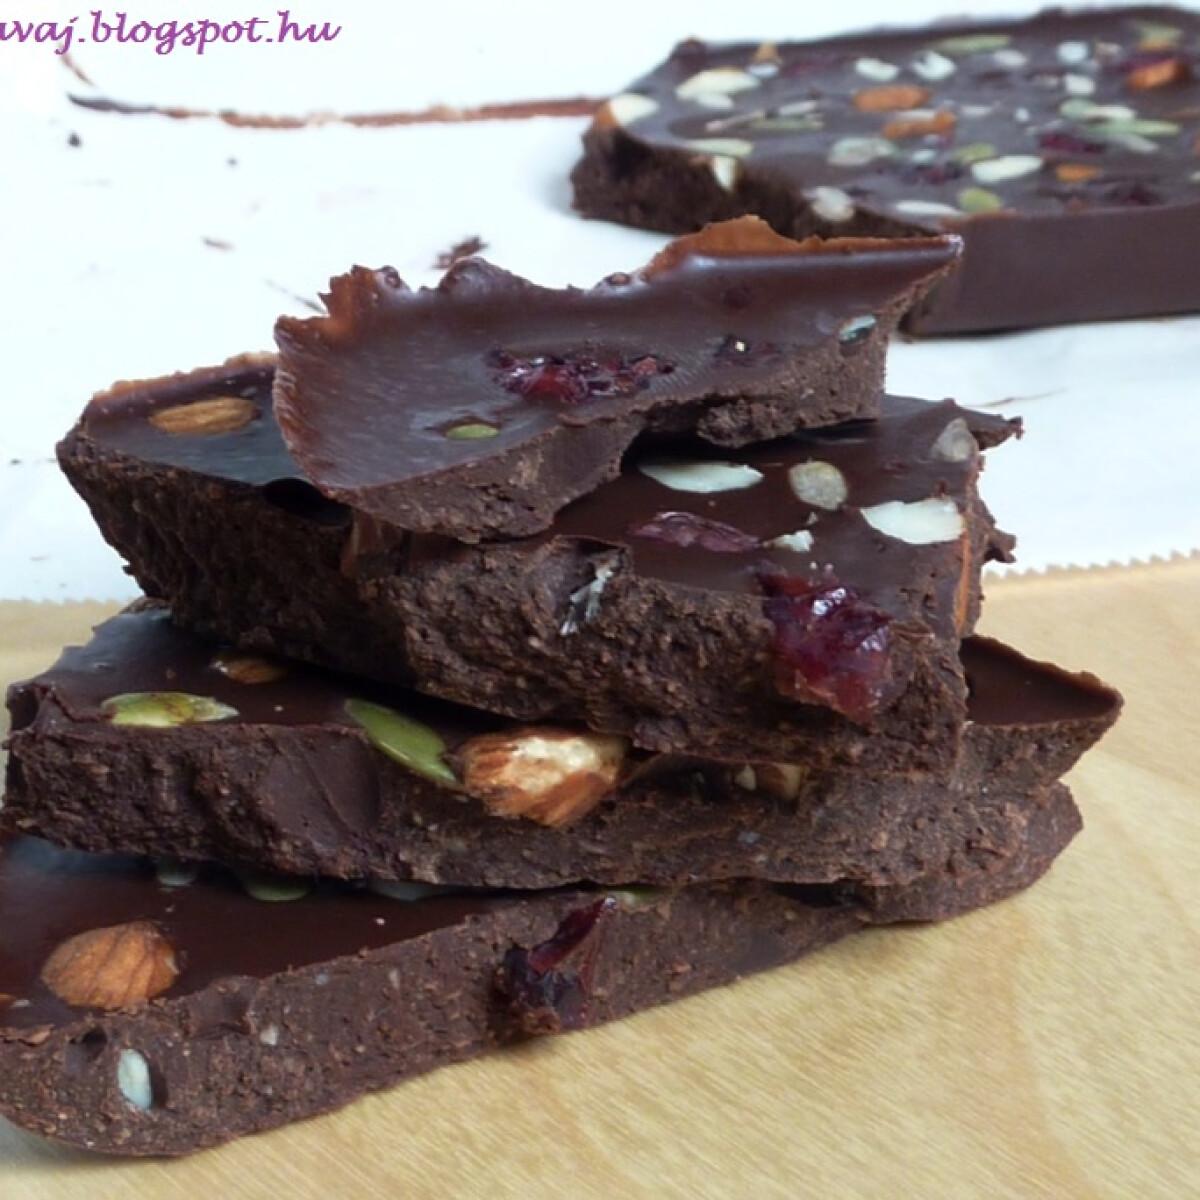 Ezen a képen: Kókuszvajas csokitábla